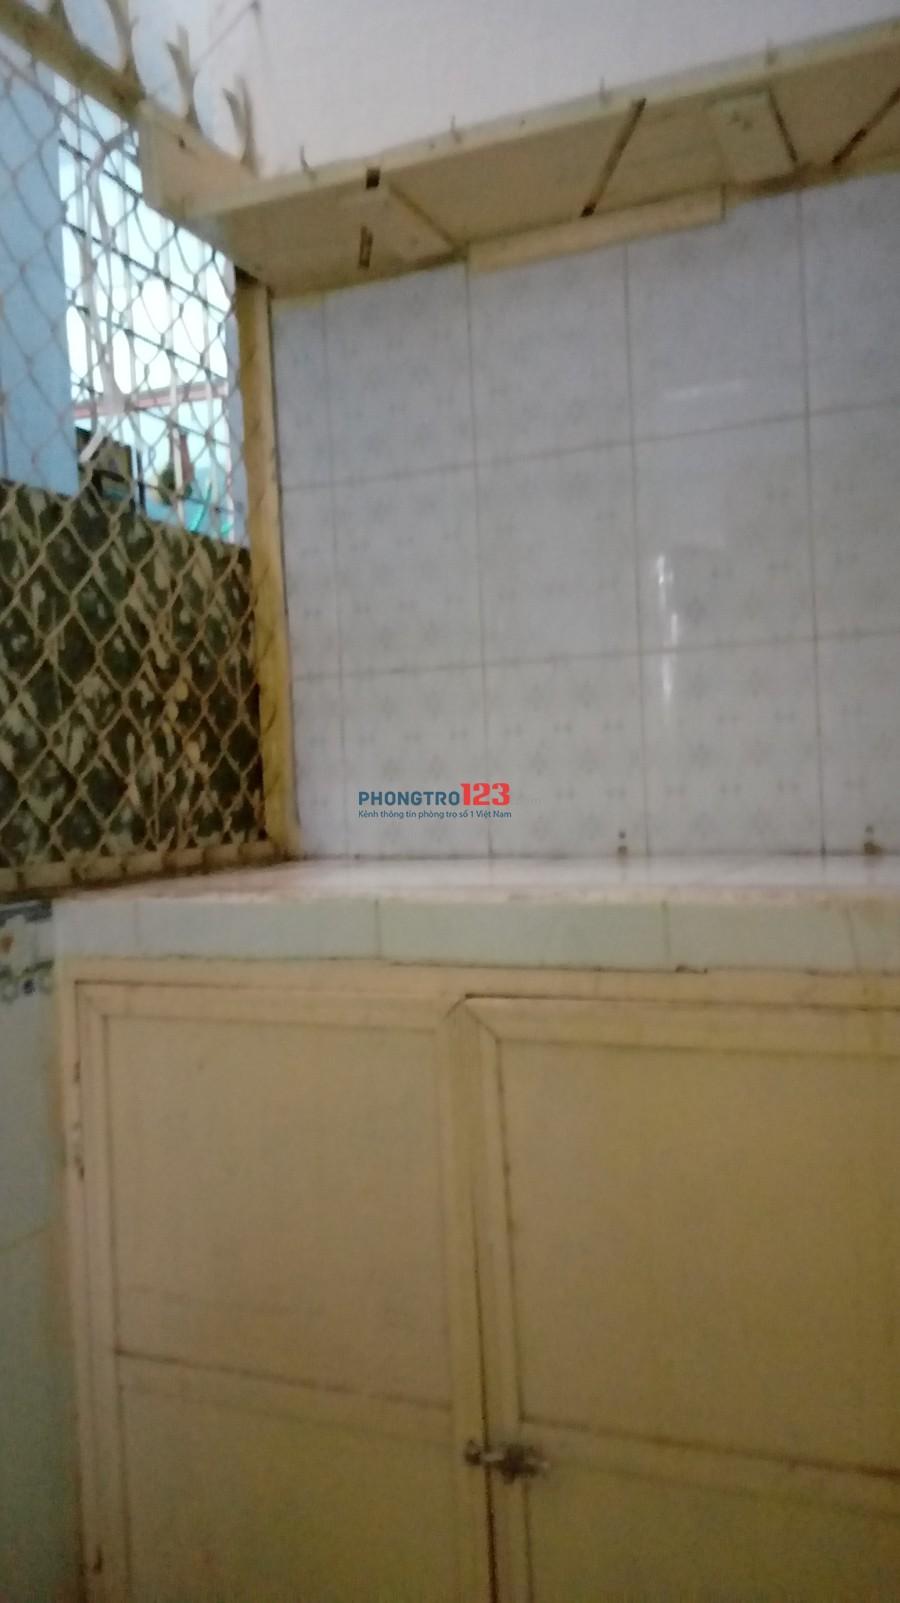 Phòng sạch đẹp, lối đi và wc riêng, an ninh yên tĩnh, 2.400.000-4.000.000/ tháng